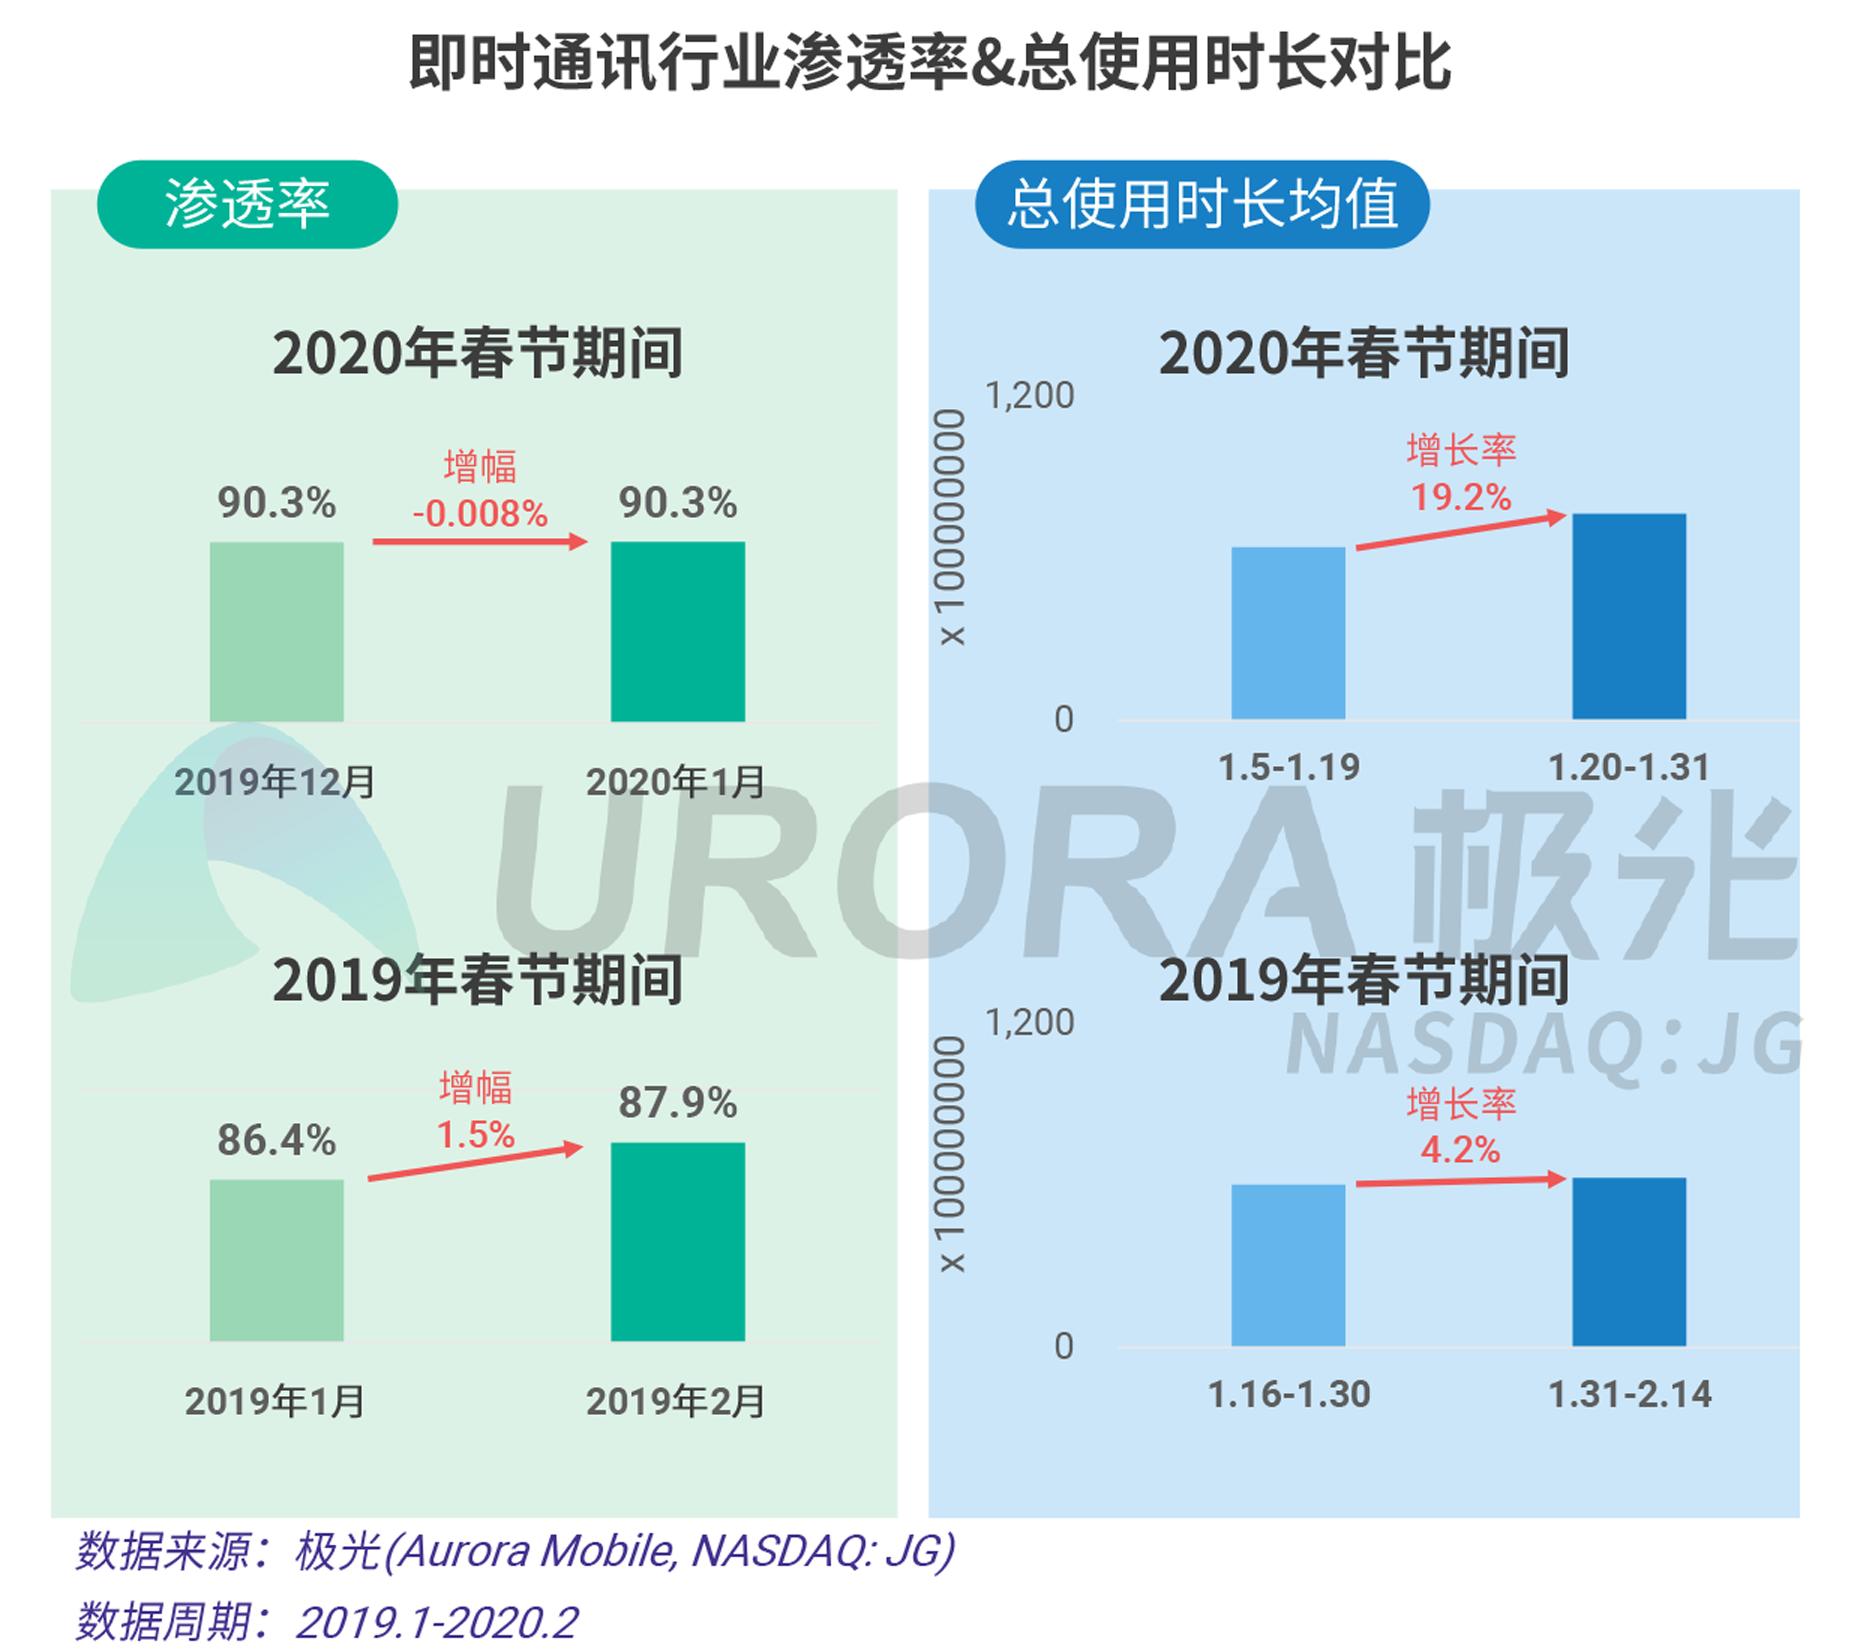 2020年春节移动互联行业热点观察V20-5.png